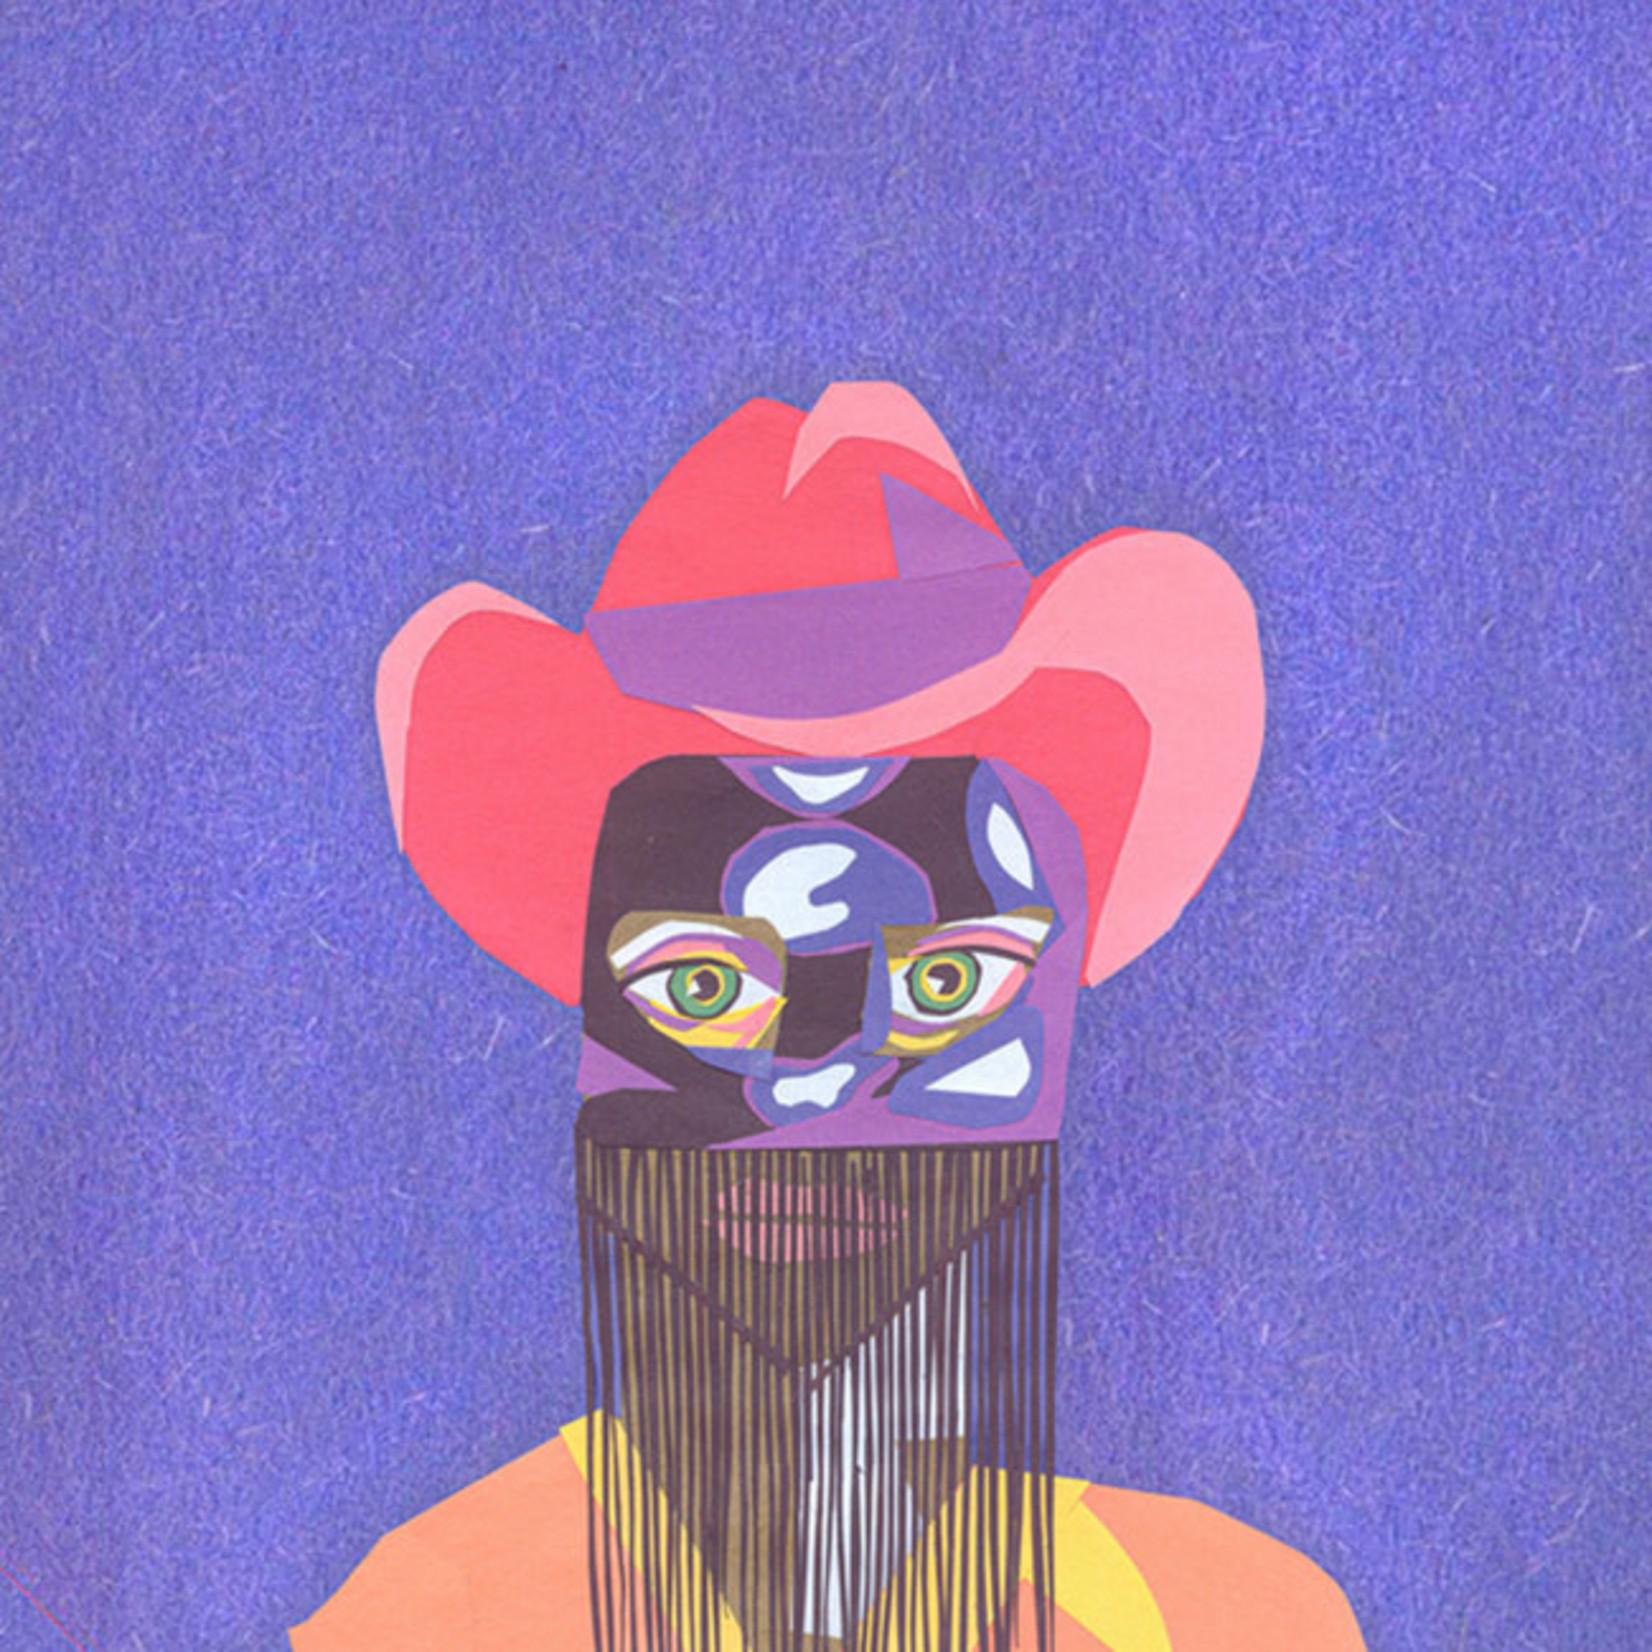 [New] Orville Peck: Show Pony EP